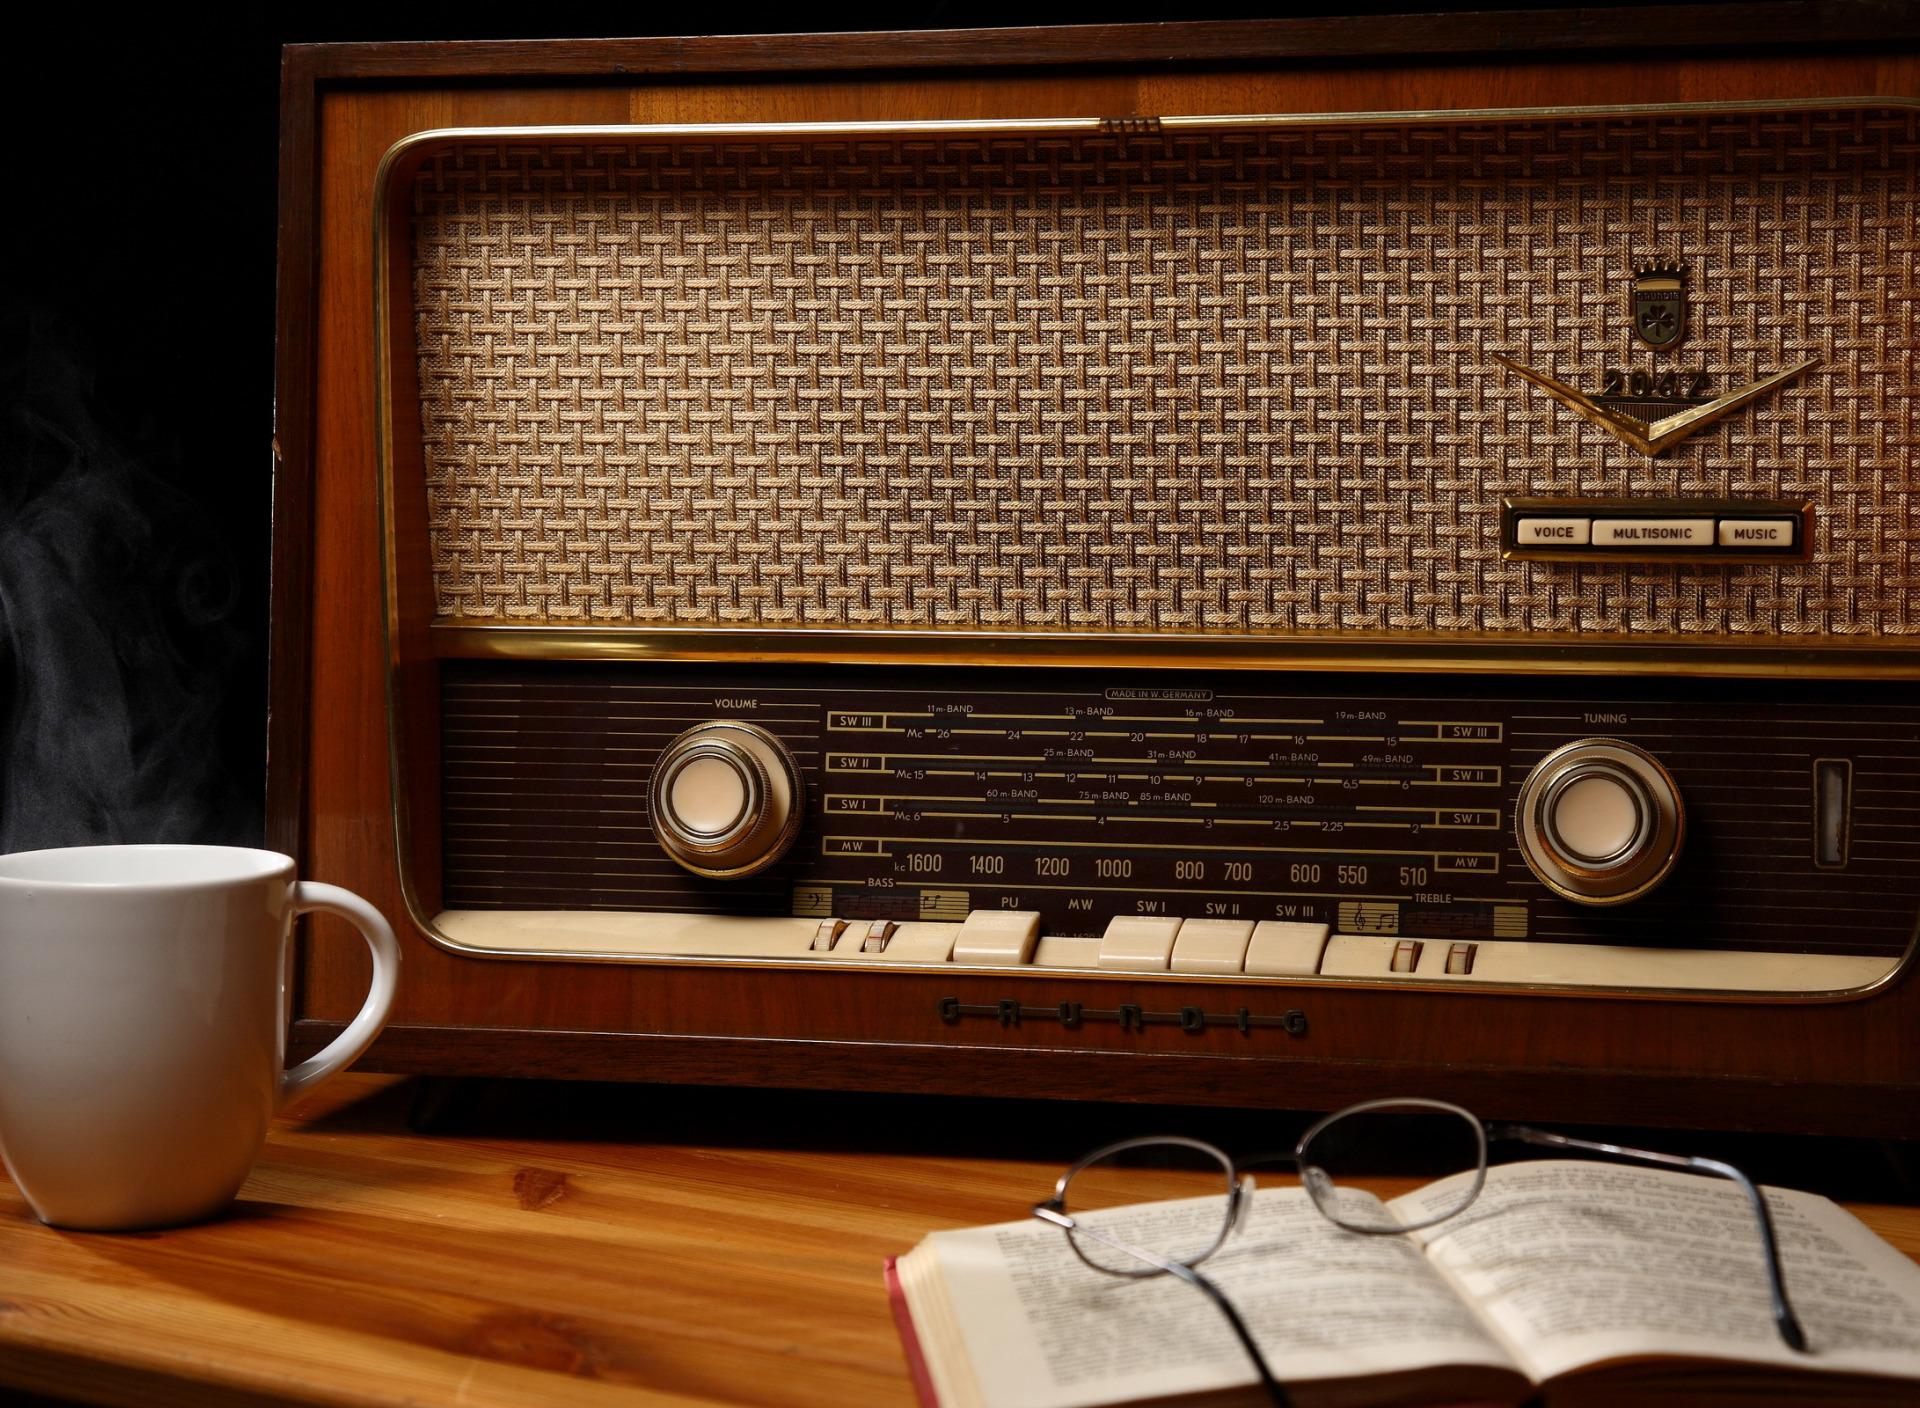 ВЕСЕННЕЕ БРЮЗЖАНИЕ. Богатые тоже плачут или размышления у радиоприемника